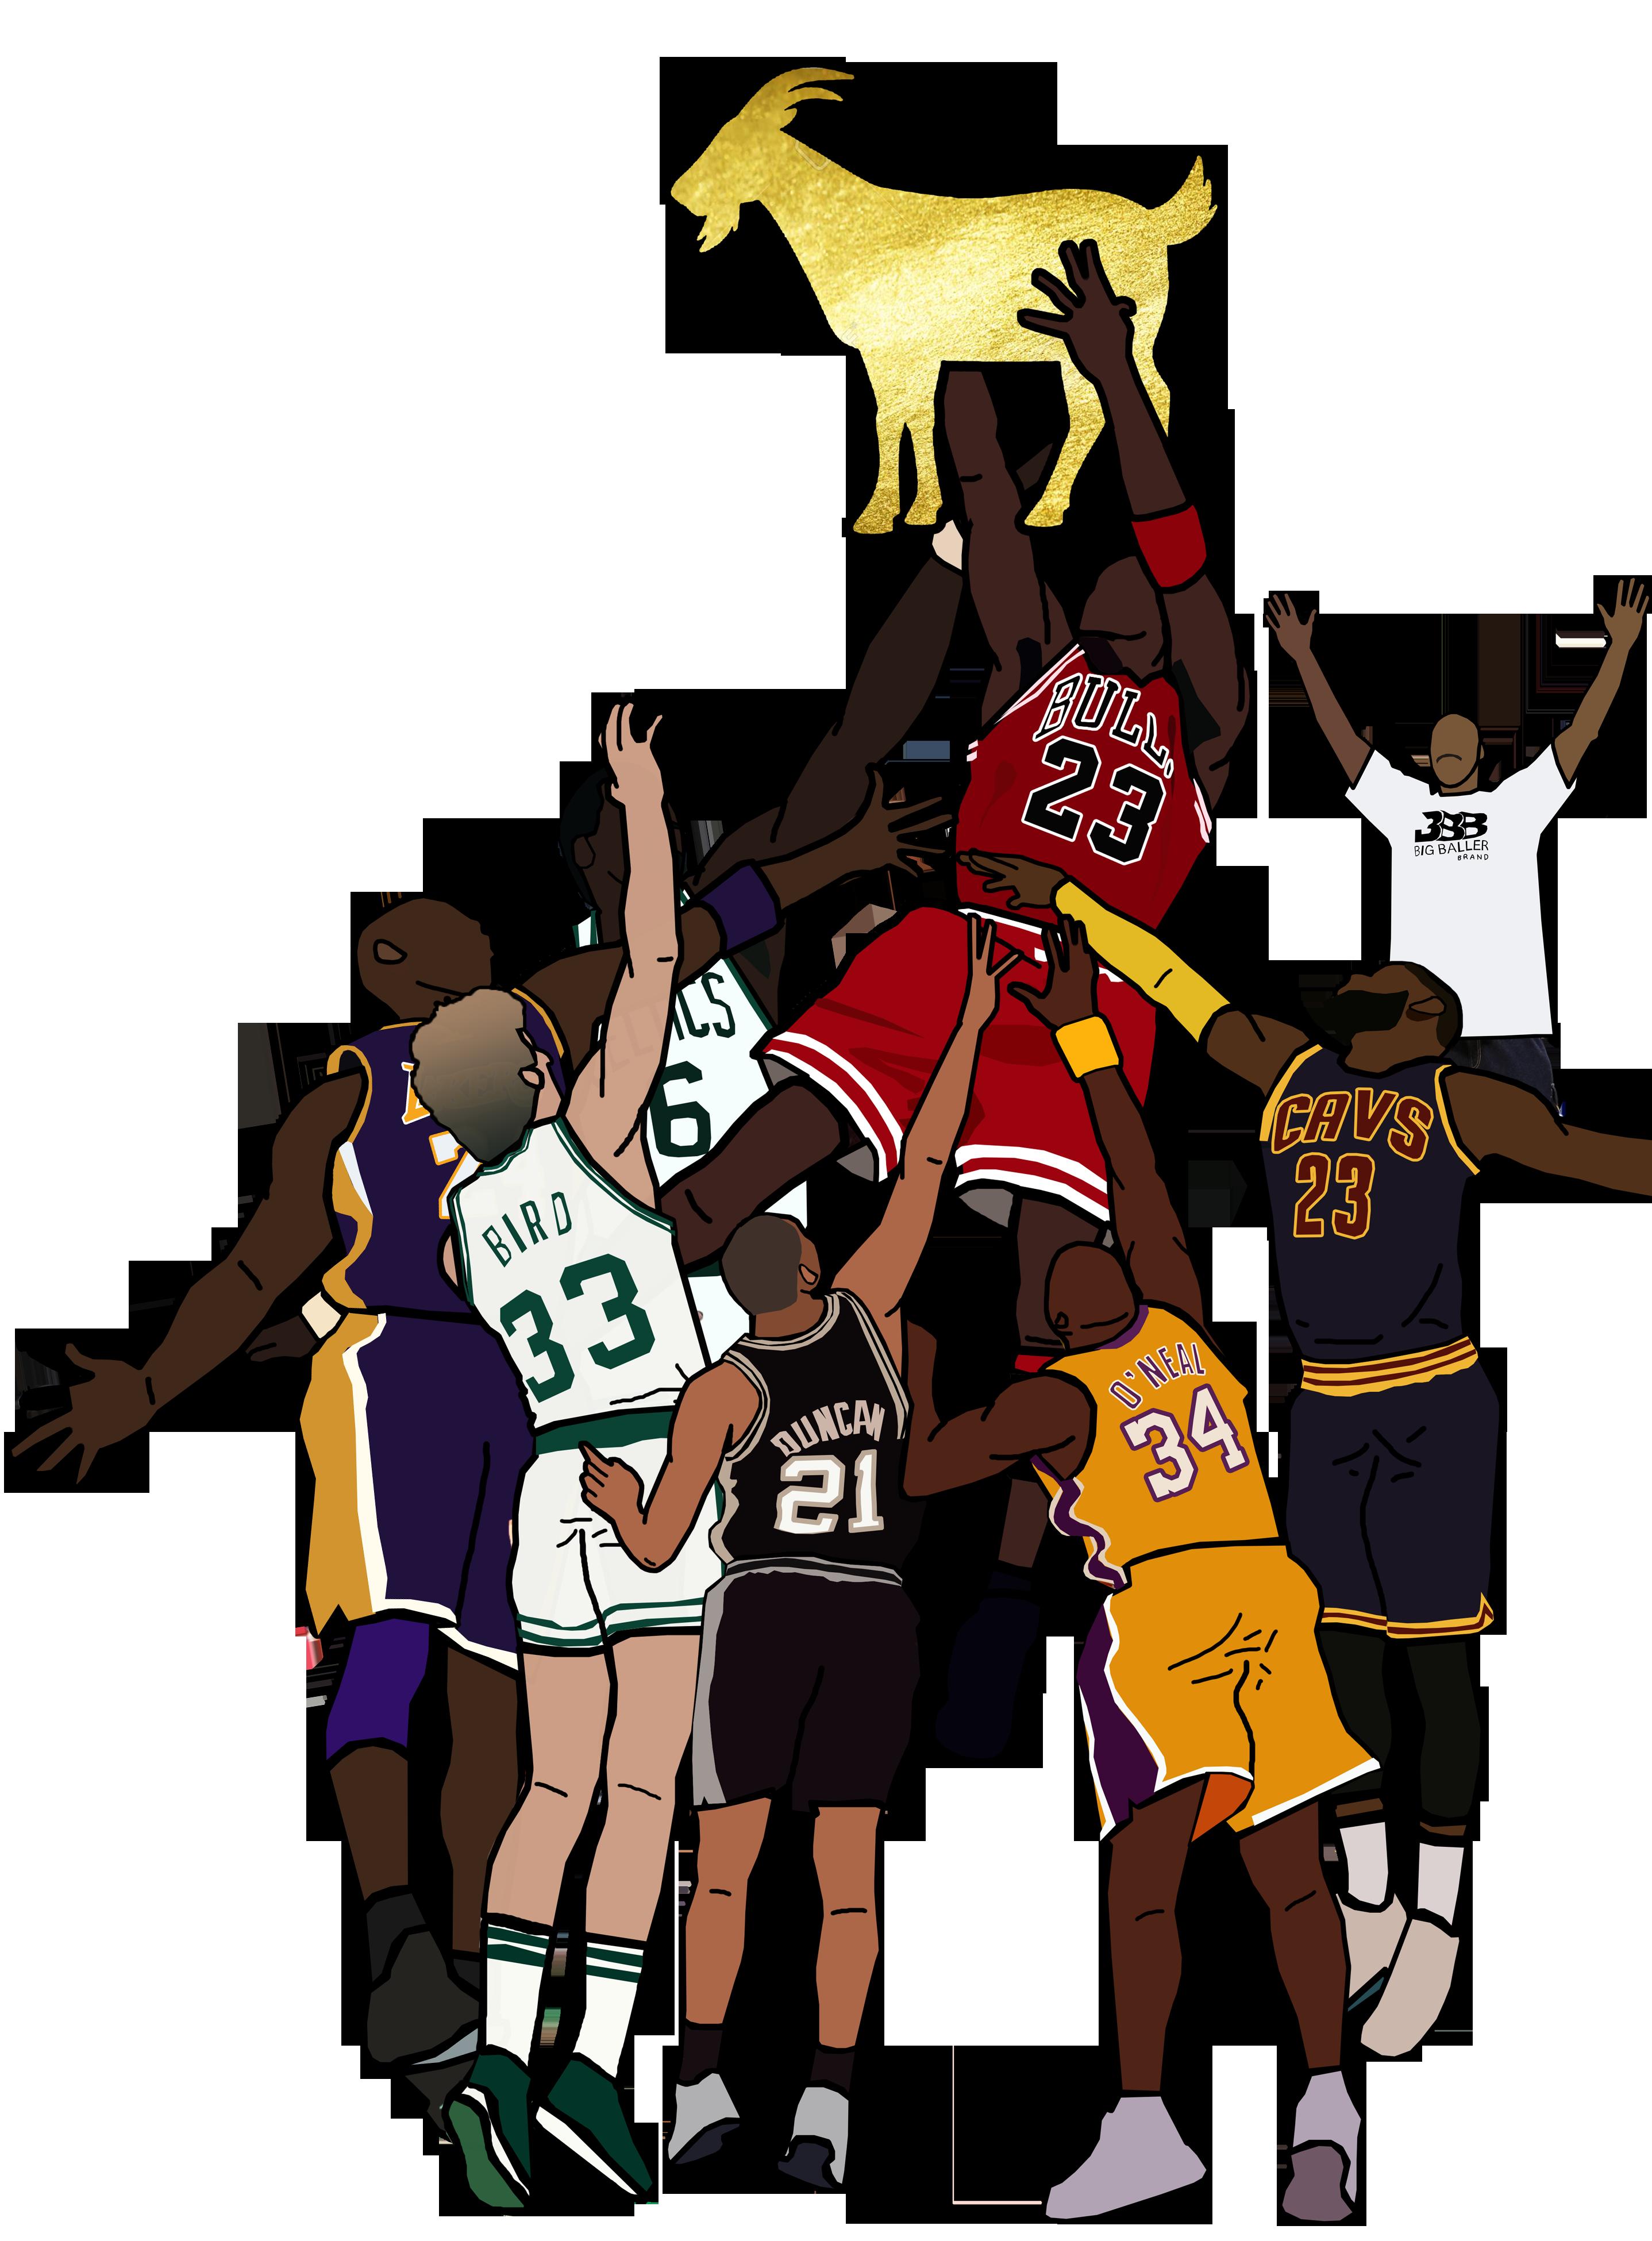 Michael Jordan The GOAT (With images) Michael jordan